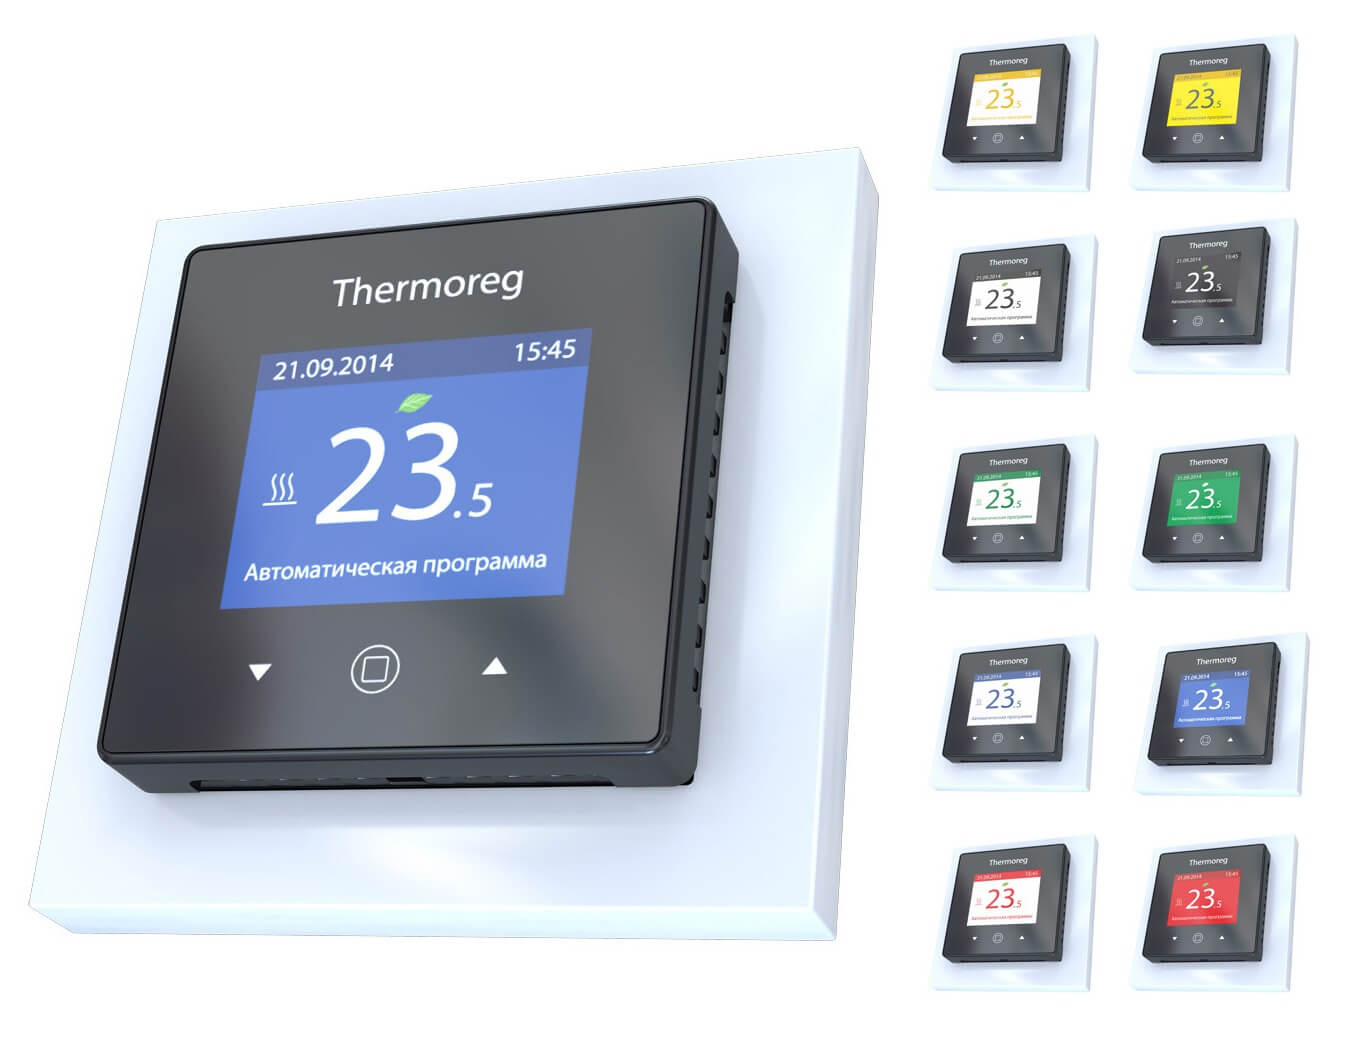 Терморегулятор с сенсорным управлением